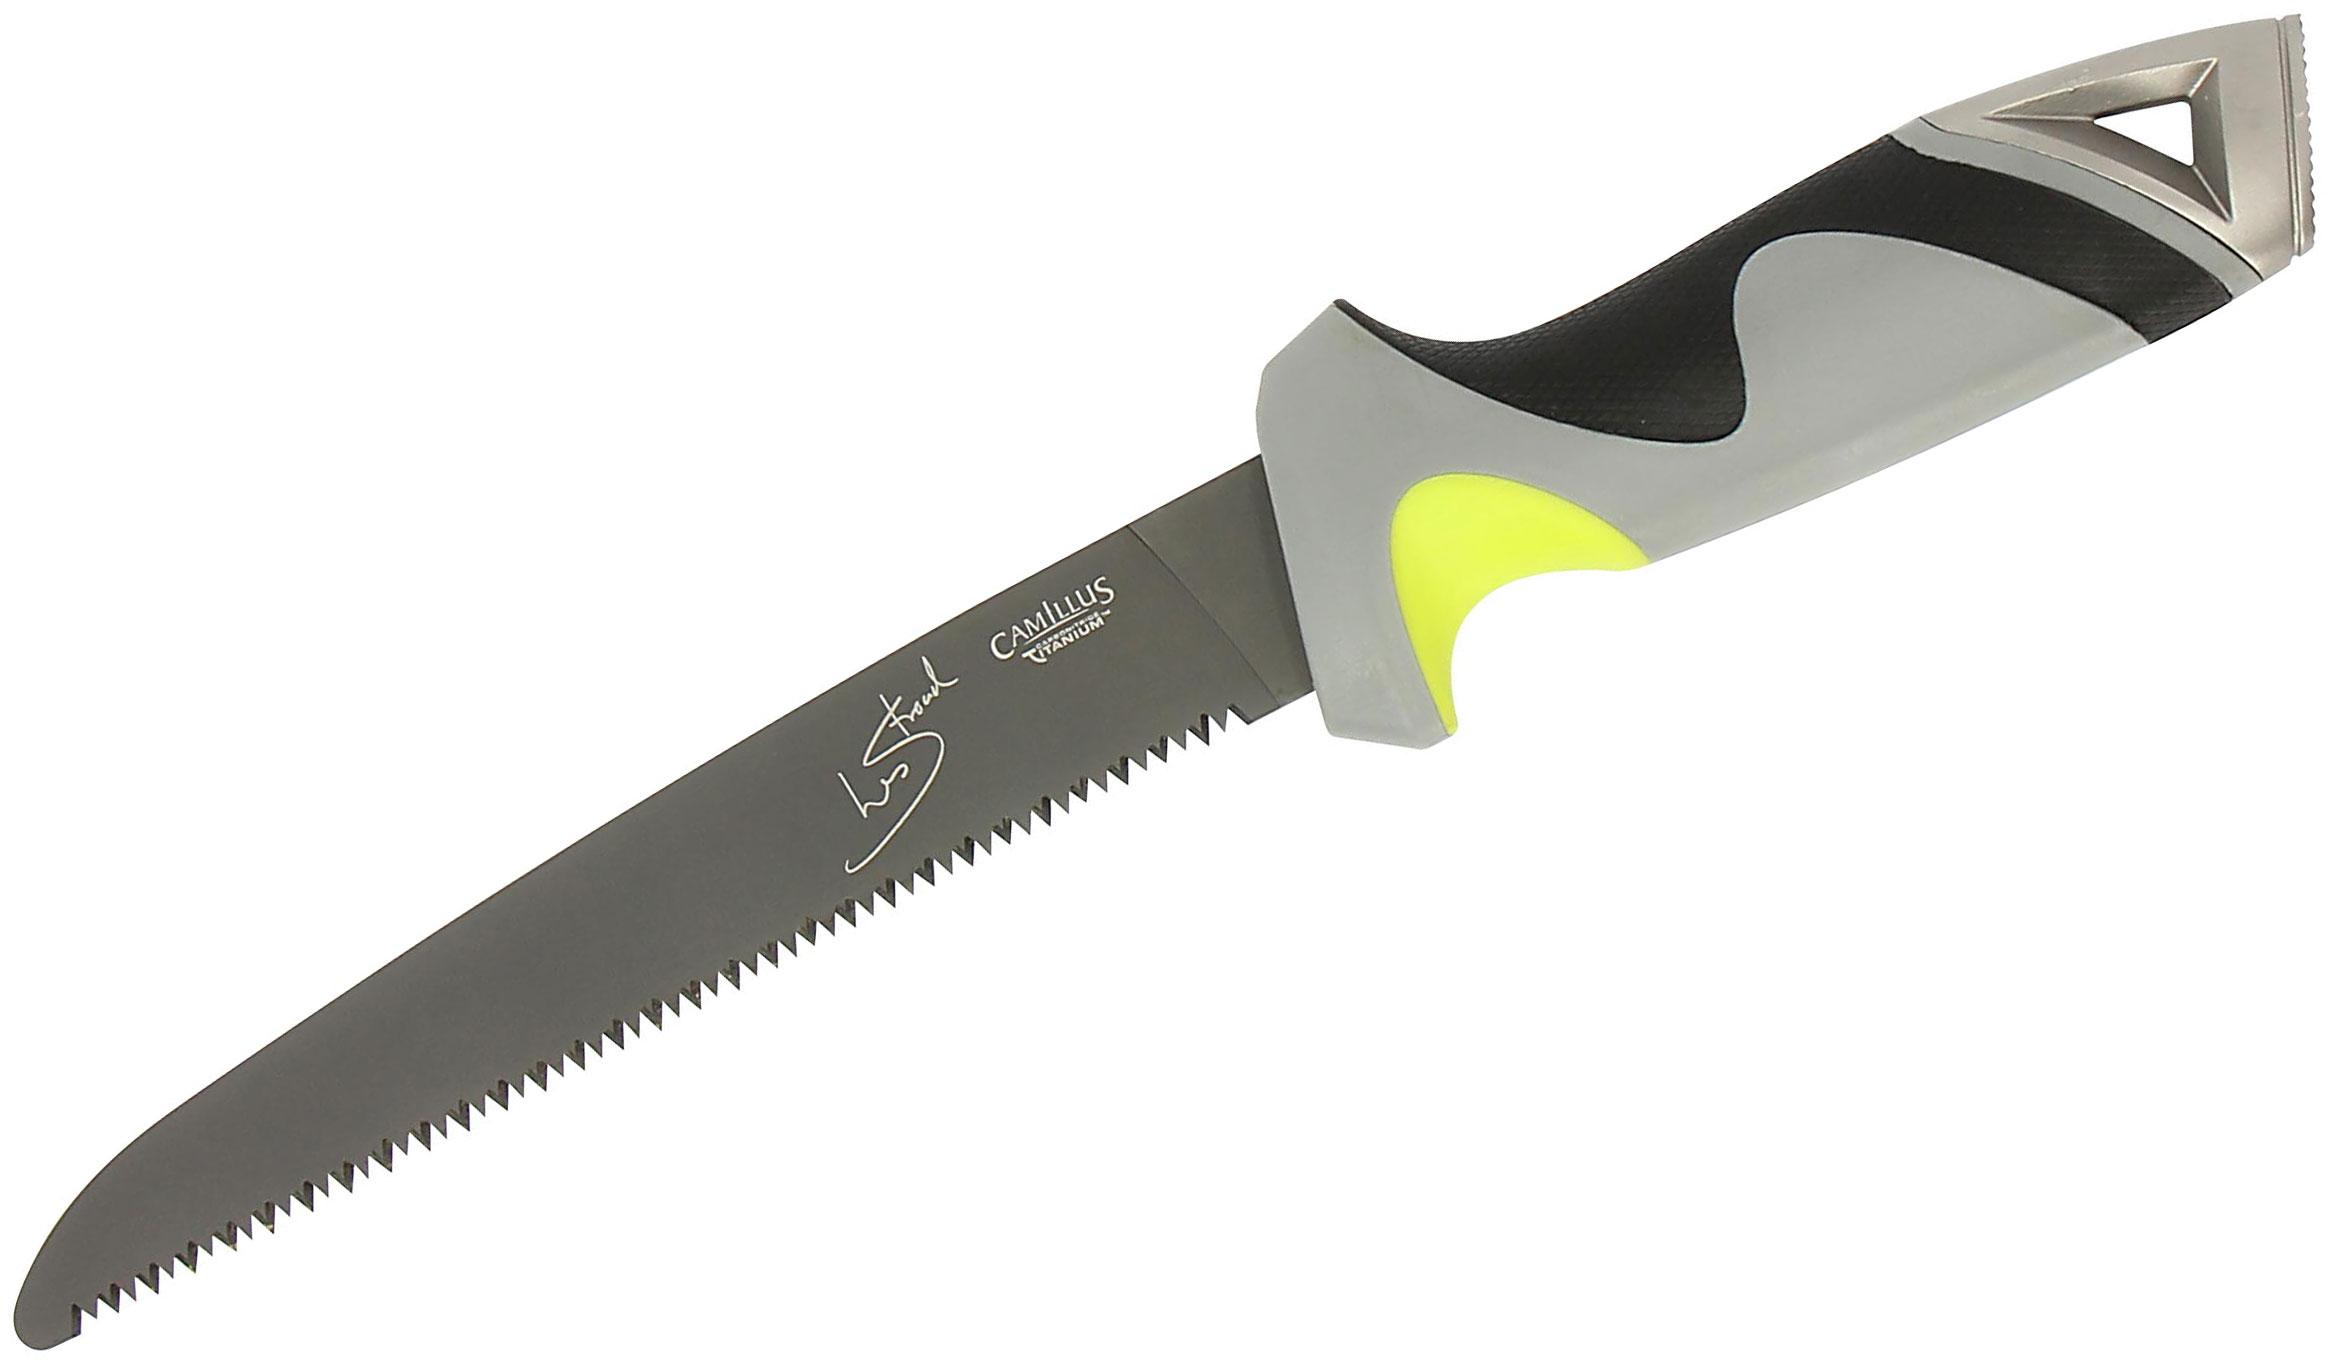 Camillus 19121 Les Stroud SK Path Saw 7.25 inch Blade, Nylon Sheath